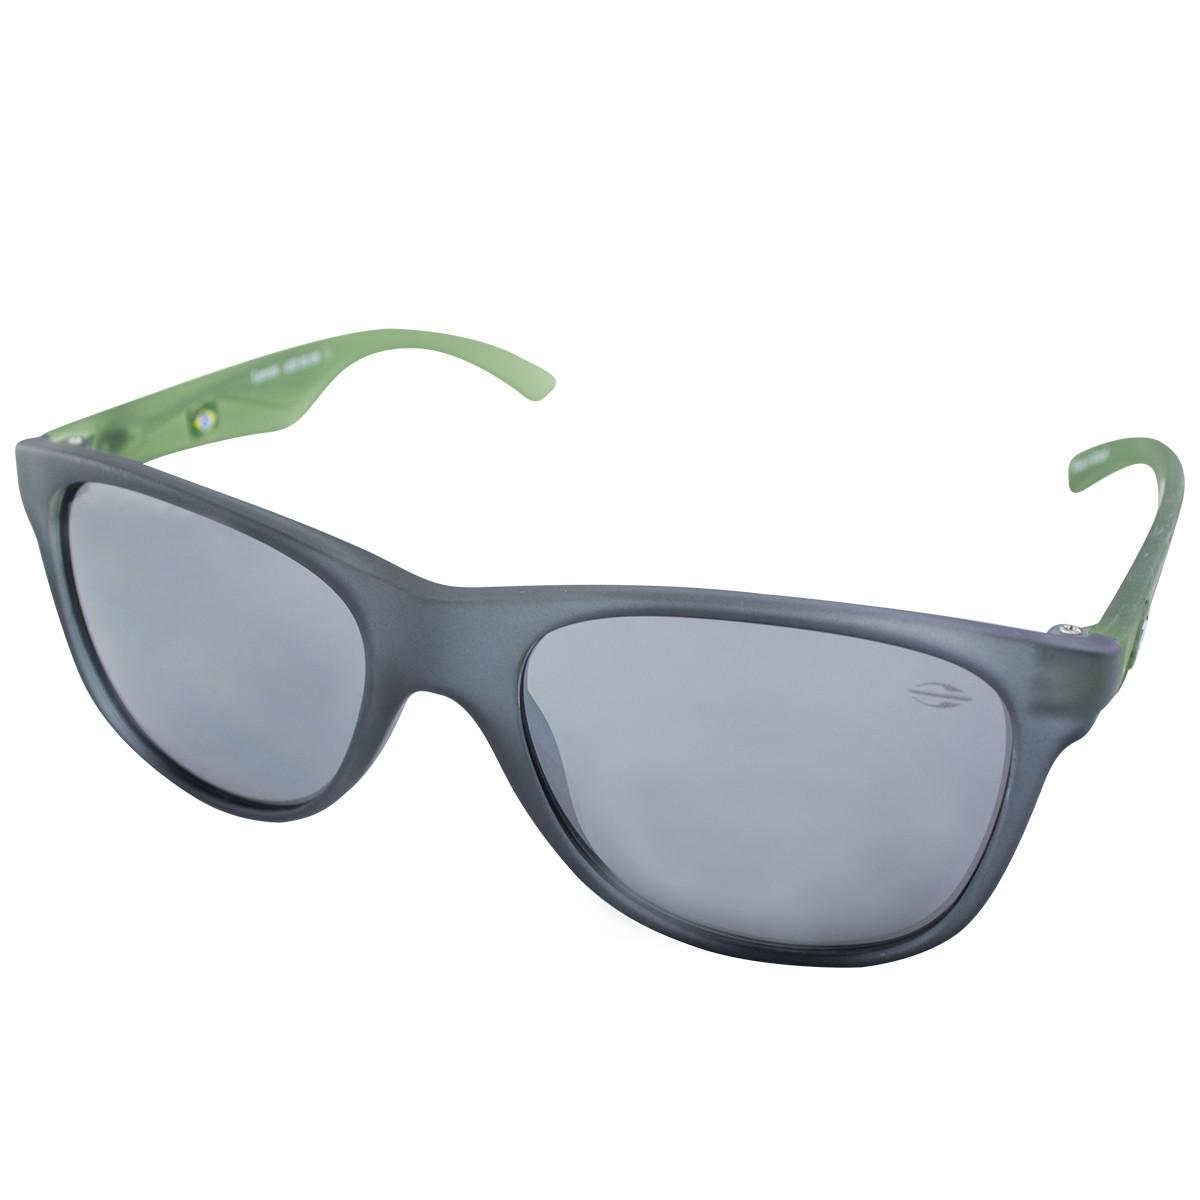 ab42b48ece635 Óculos Mormaii Lances Cinza e Verde Lente Cinza ref 42201109